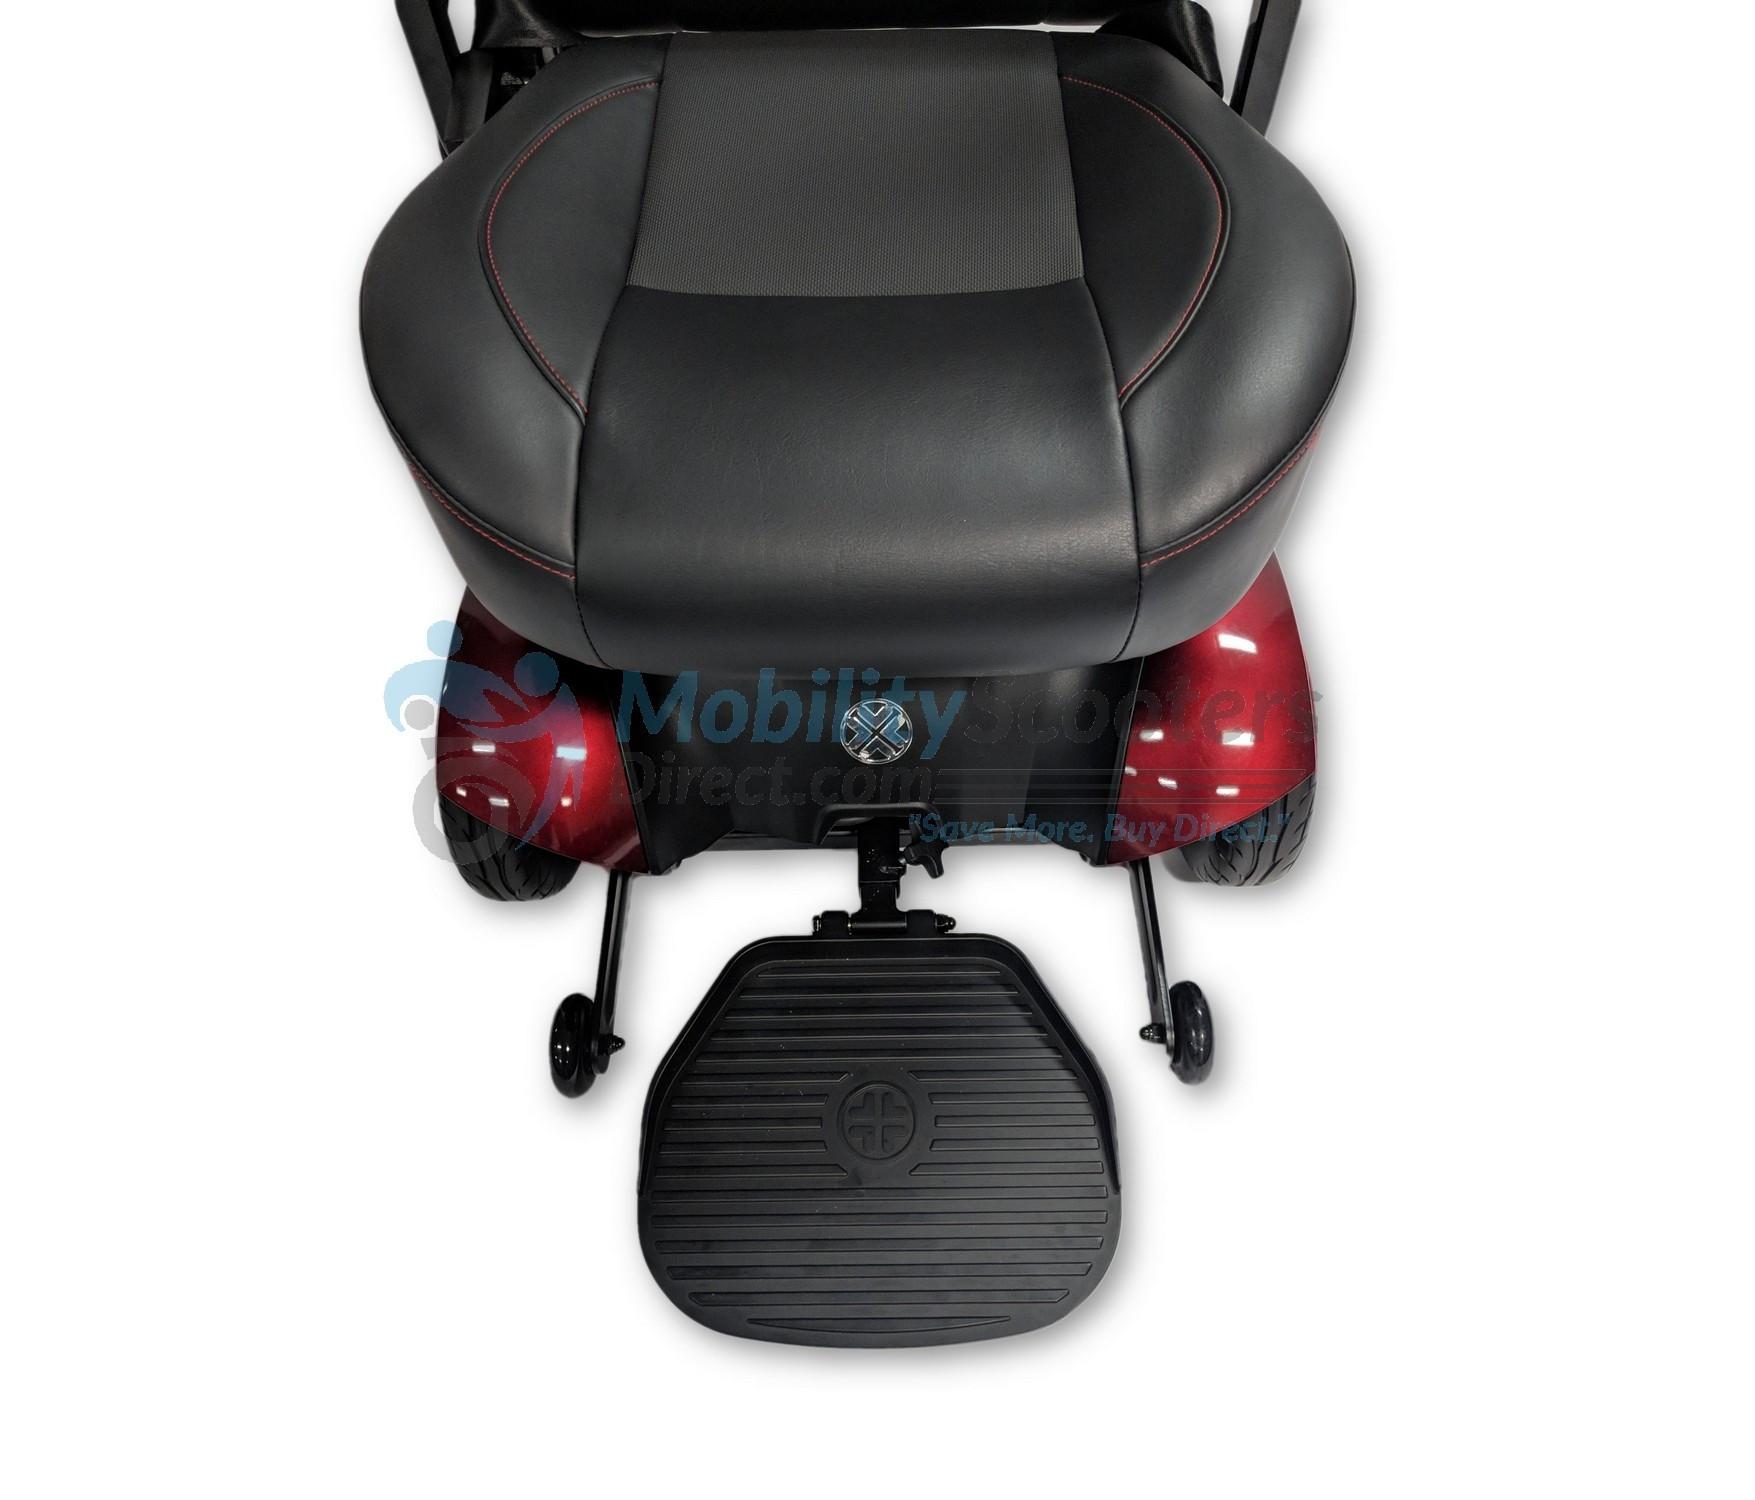 merits power chair finn juhl 46 health p318 vision cf wheelchair lowest